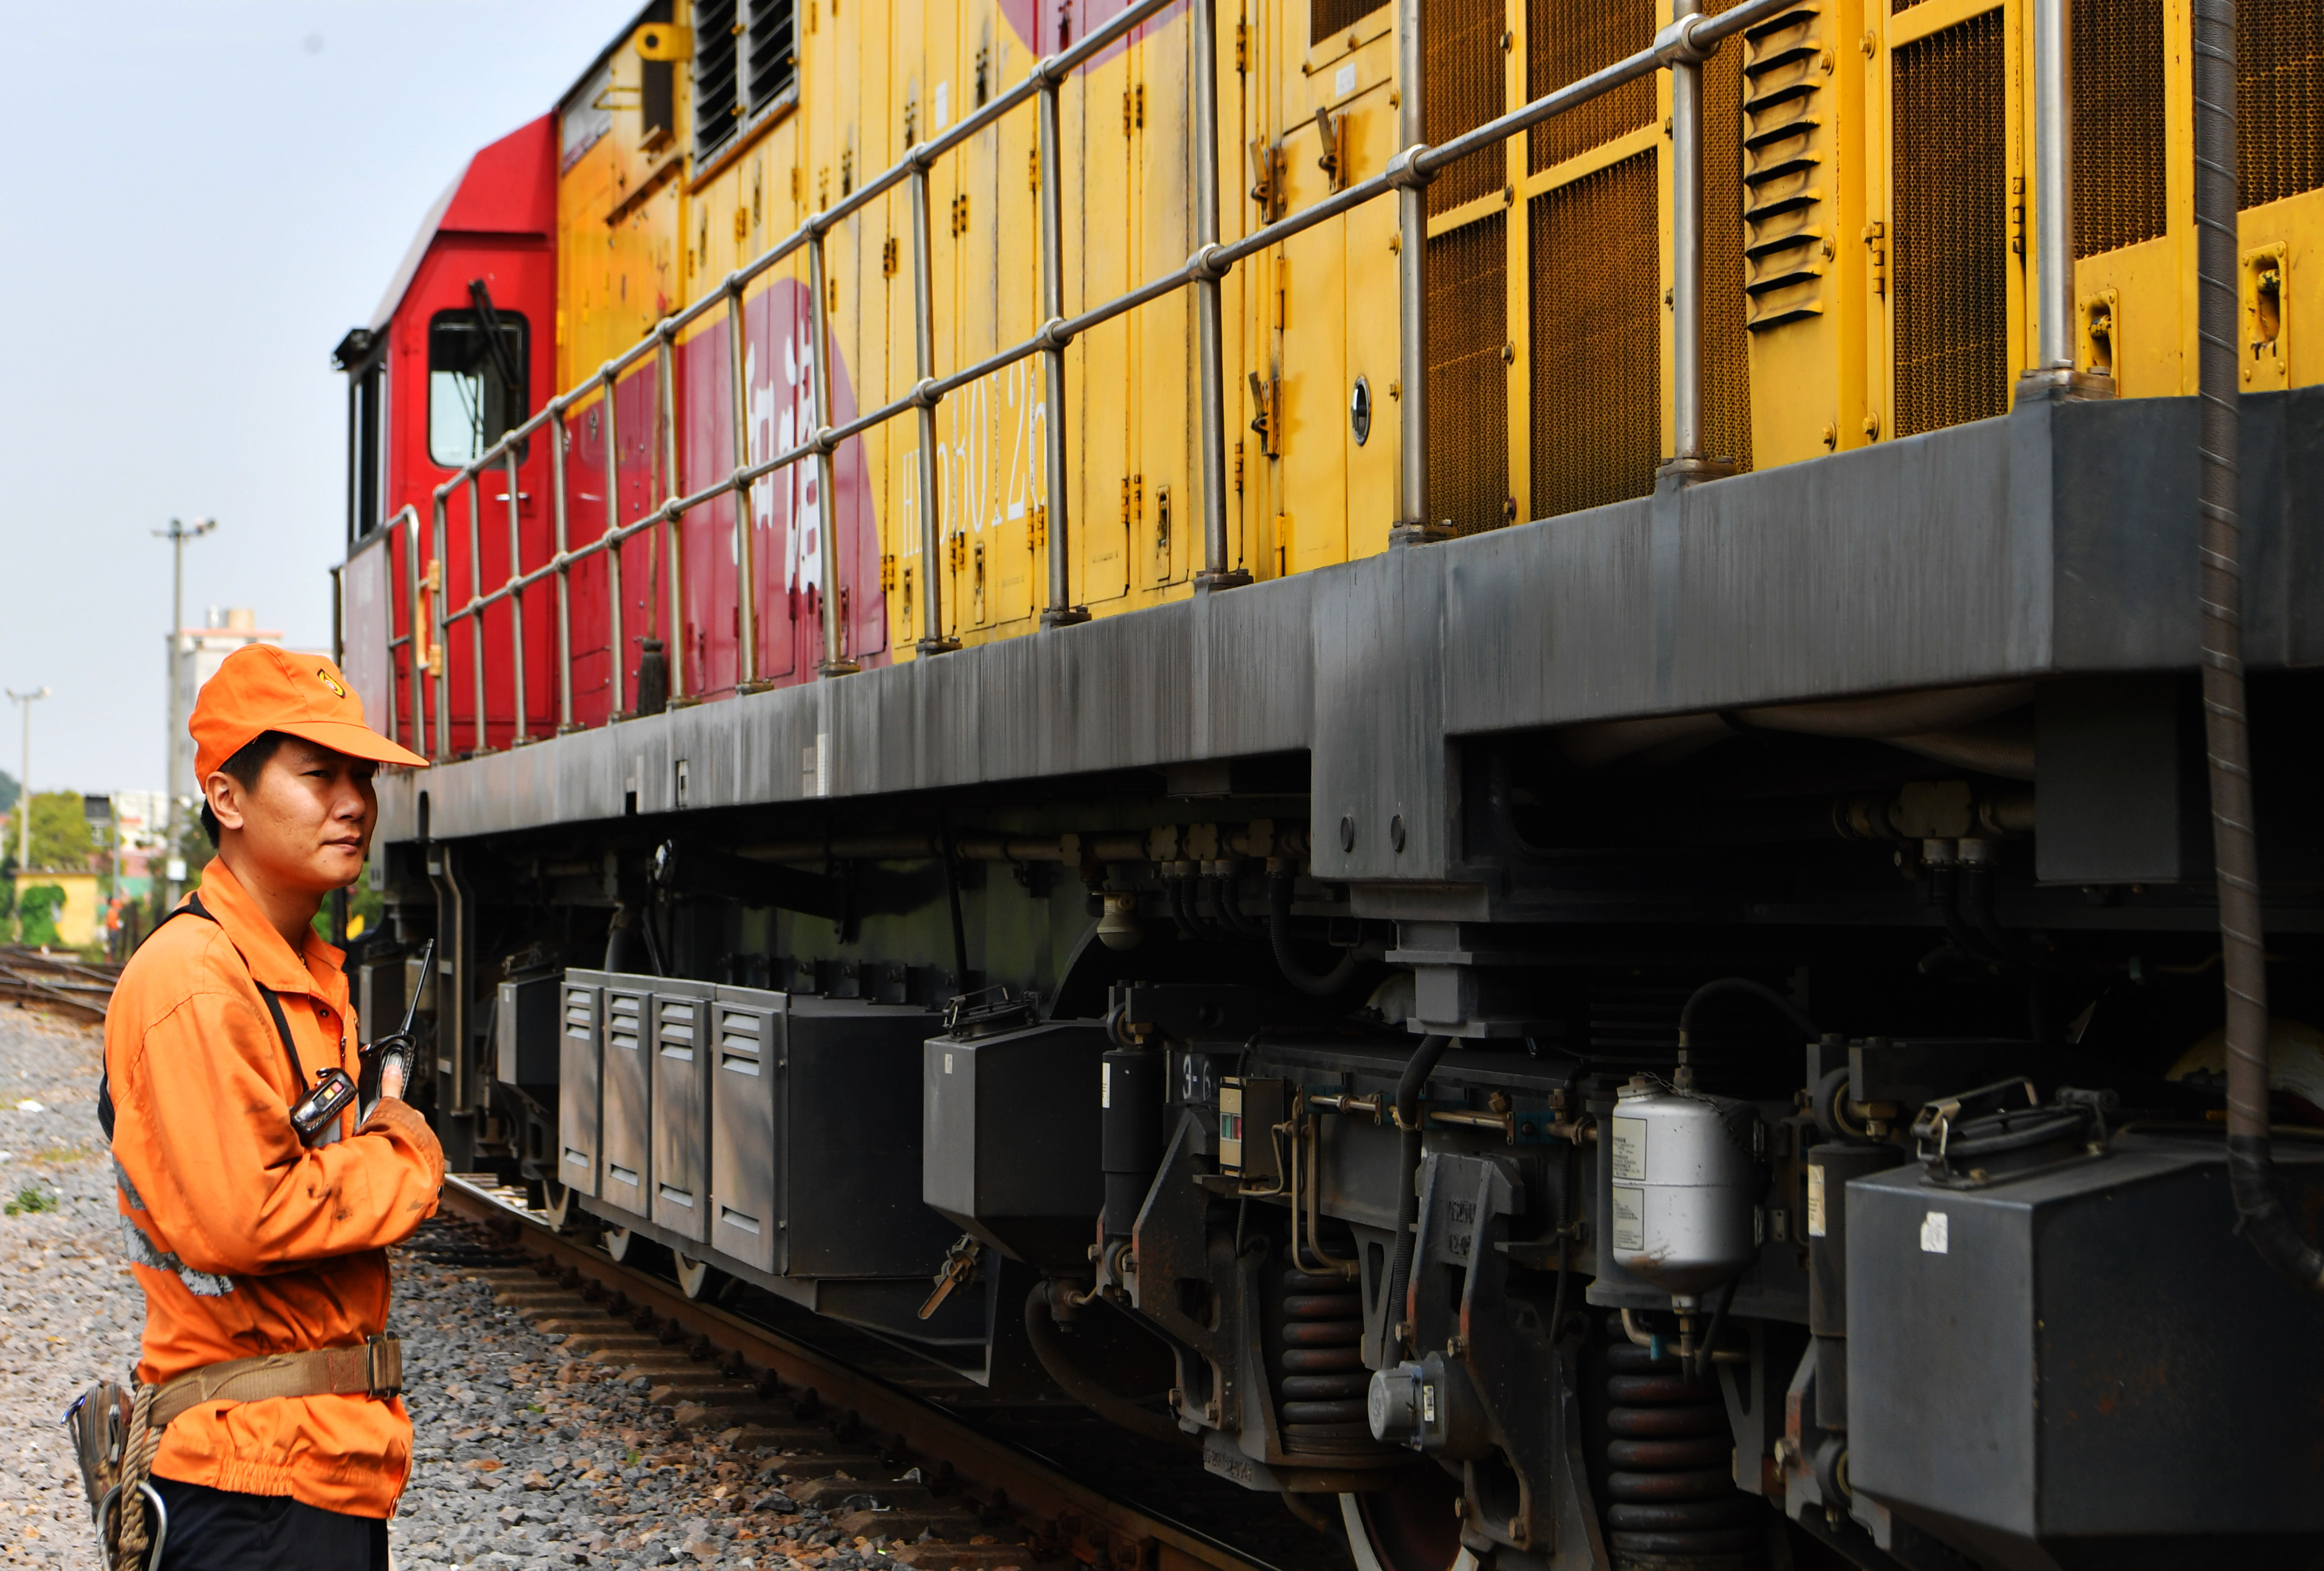 新华社照片,厦门(福建),2020年4月25日 4月25日,搭载出口欧洲防疫物资的X8098次货物列车在厦门海沧站准备出发。 新华社记者 魏培全 摄